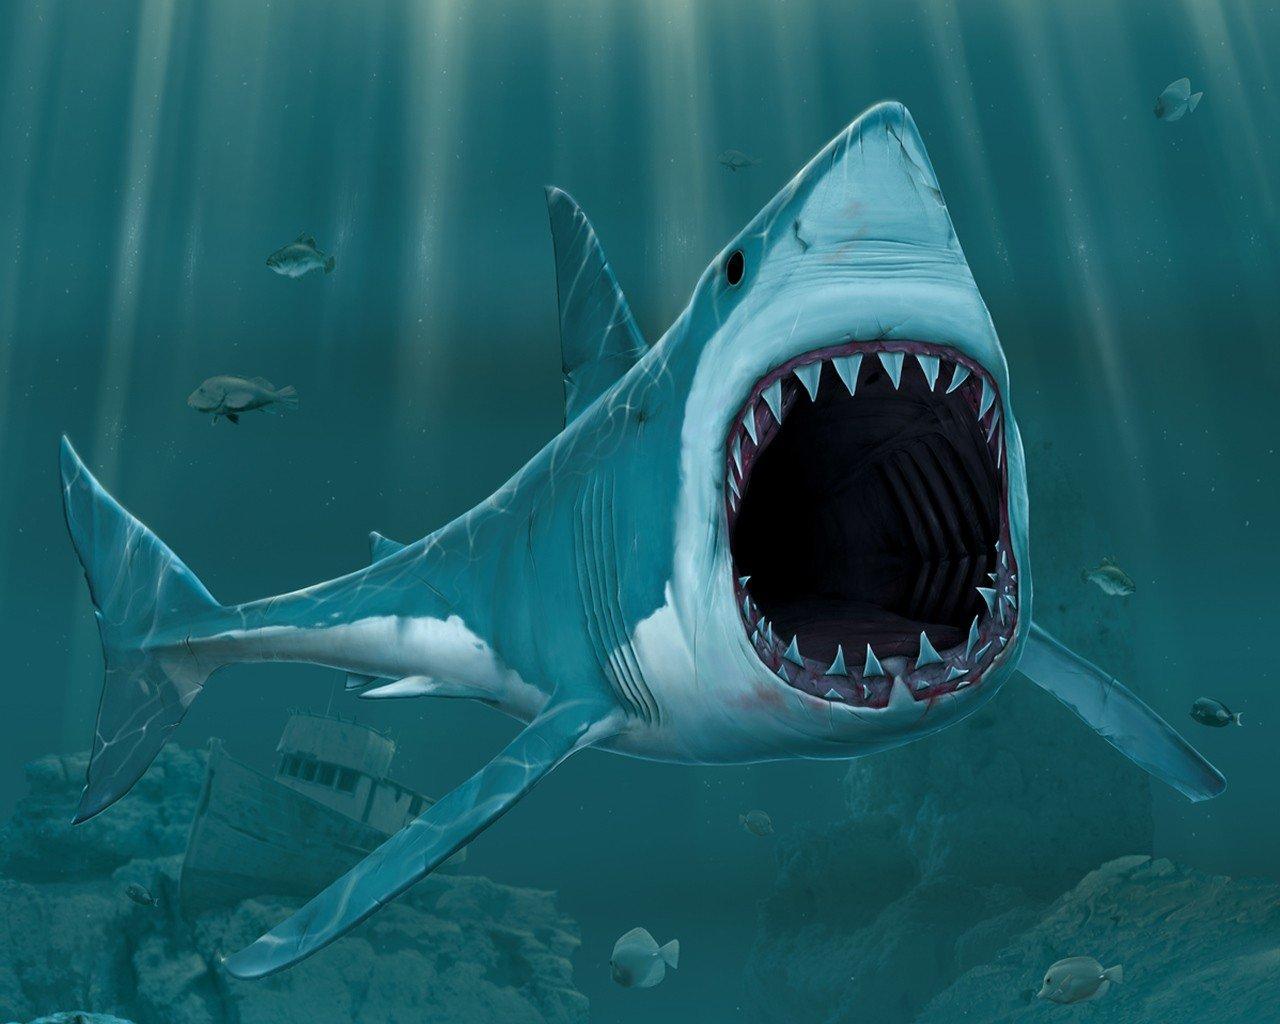 акулья пасть картинки смешать, постепенно добавляя